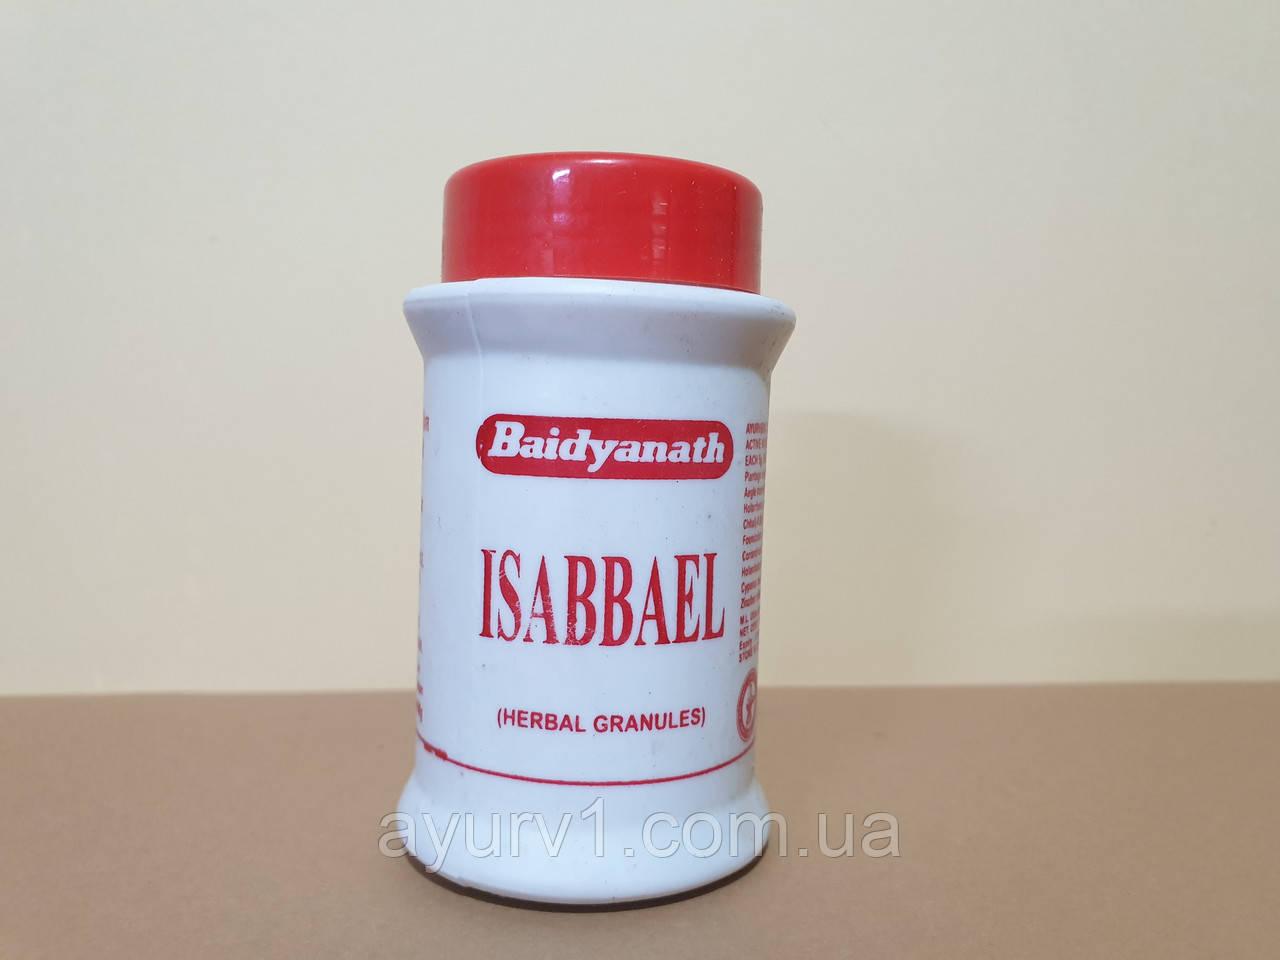 Исабгол -клетчатка растительная Baidyanath 60г.